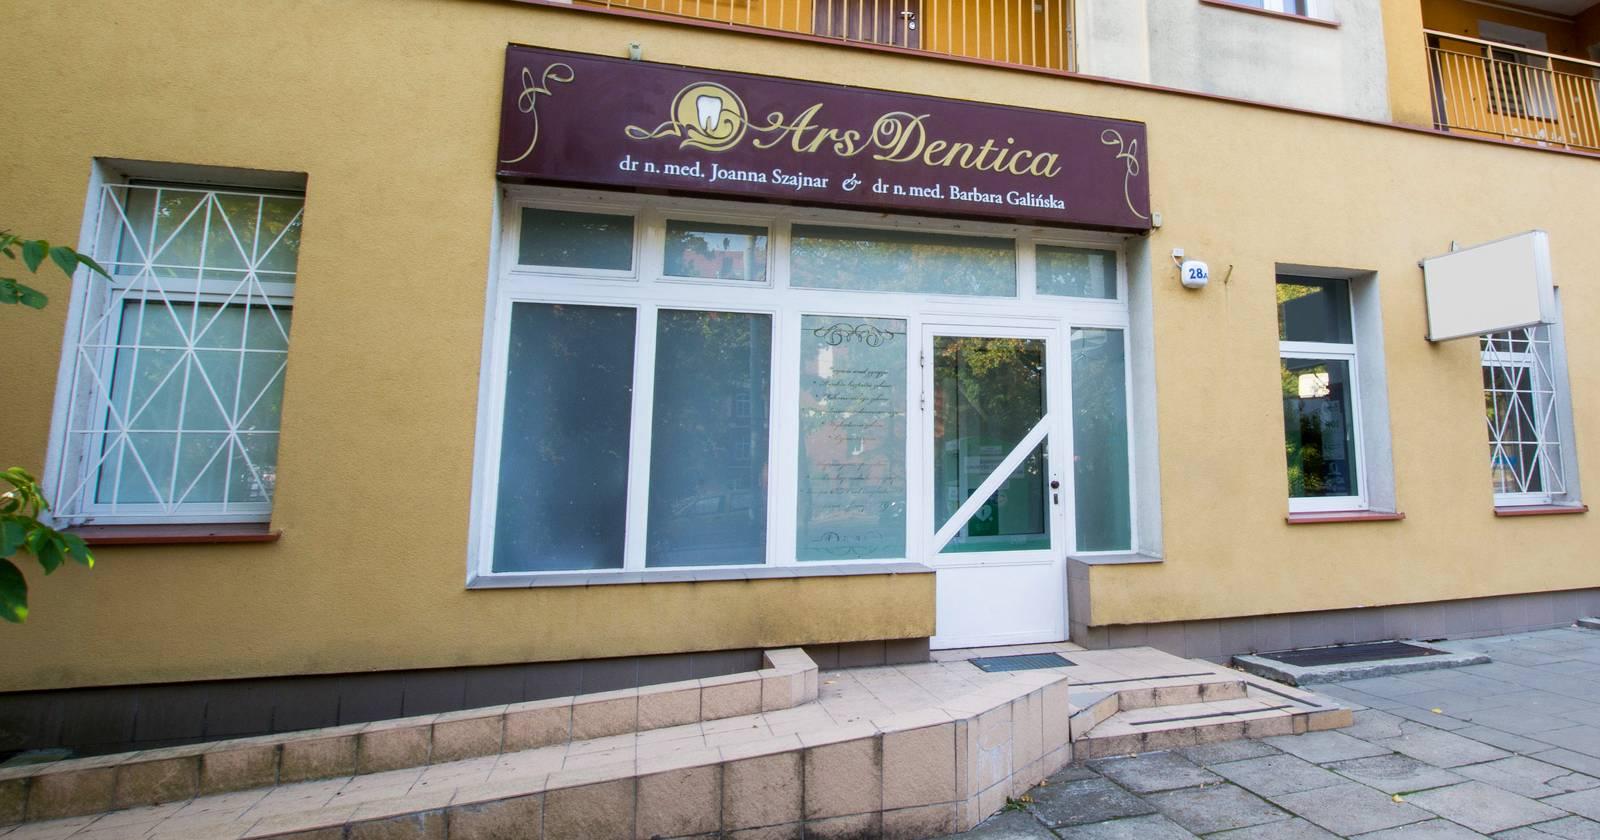 Witryna wejściowa Ars Dentiki (al. Piastów 28a)